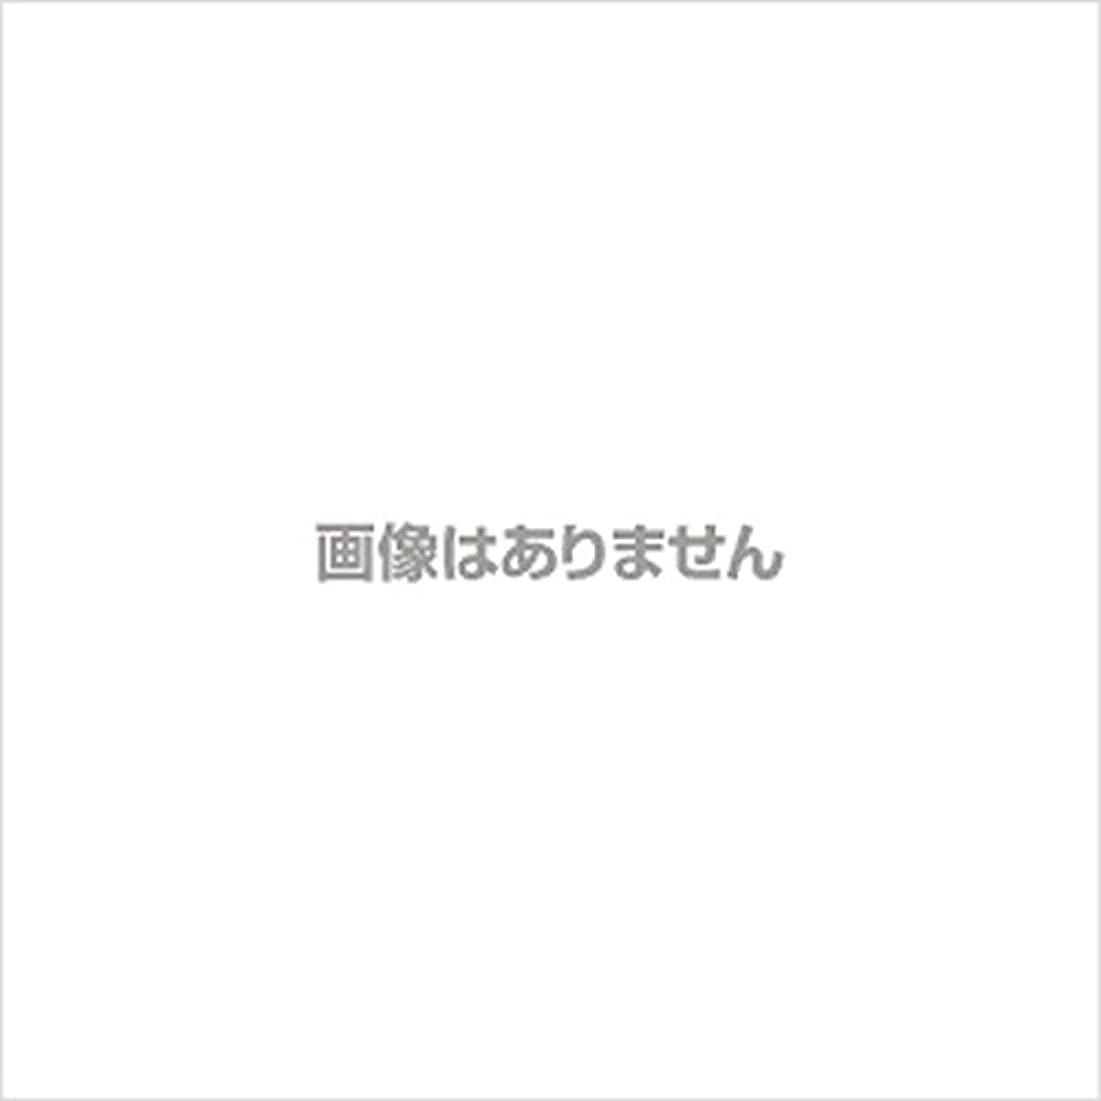 ジョージハンブリー窓居心地の良いニュージャスト ヘルパーグローブ L(500枚入) 【商品コード】4010500